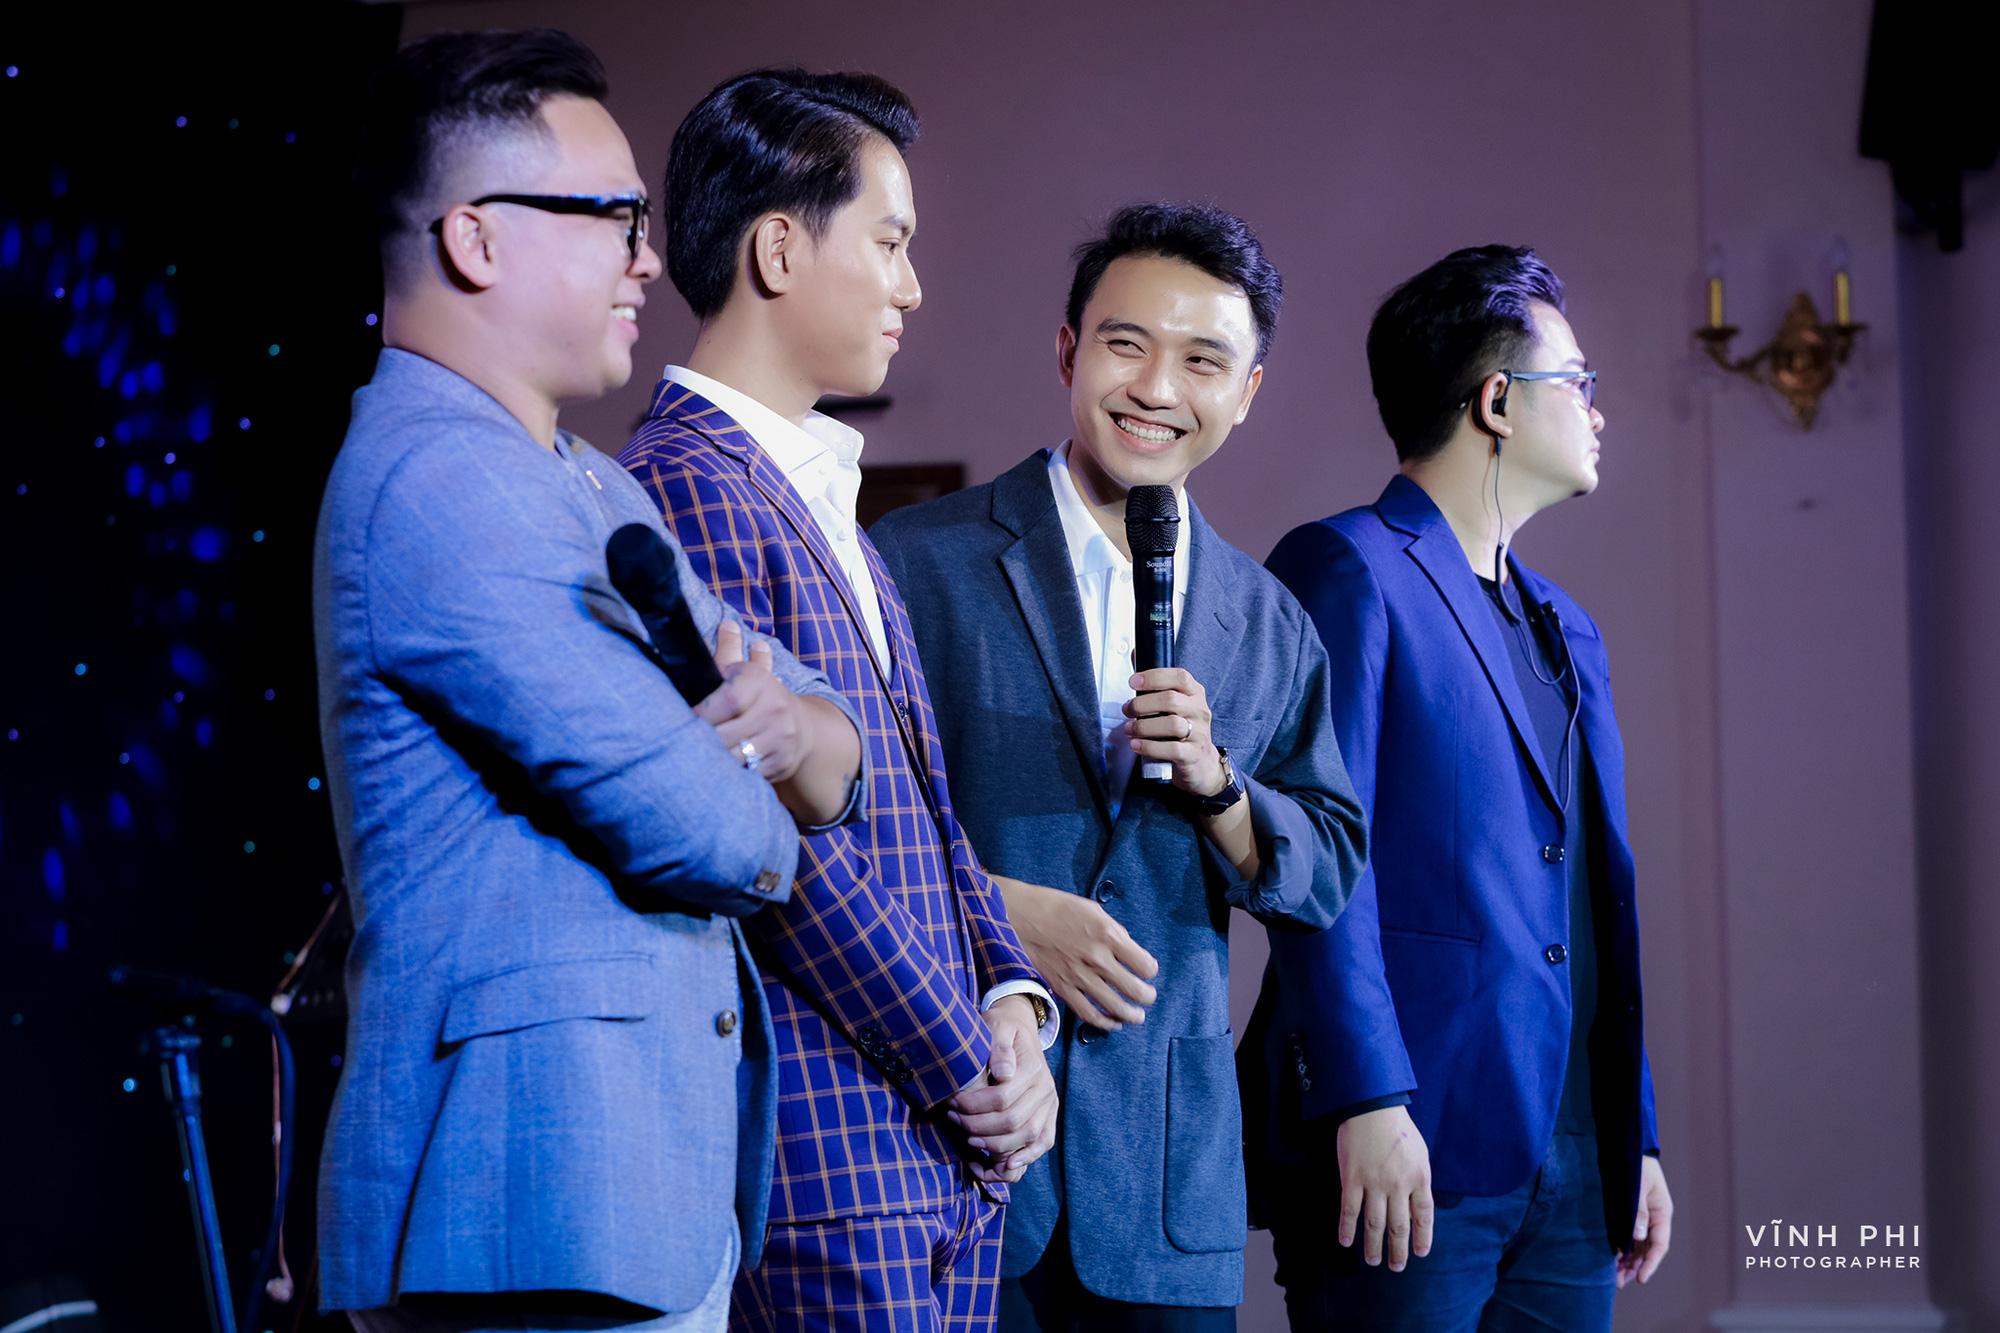 """Nam ca sĩ được ví như """"Hoài Lâm thứ hai"""" được Nguyễn Minh Cường phát hiện là ai? - Ảnh 2."""